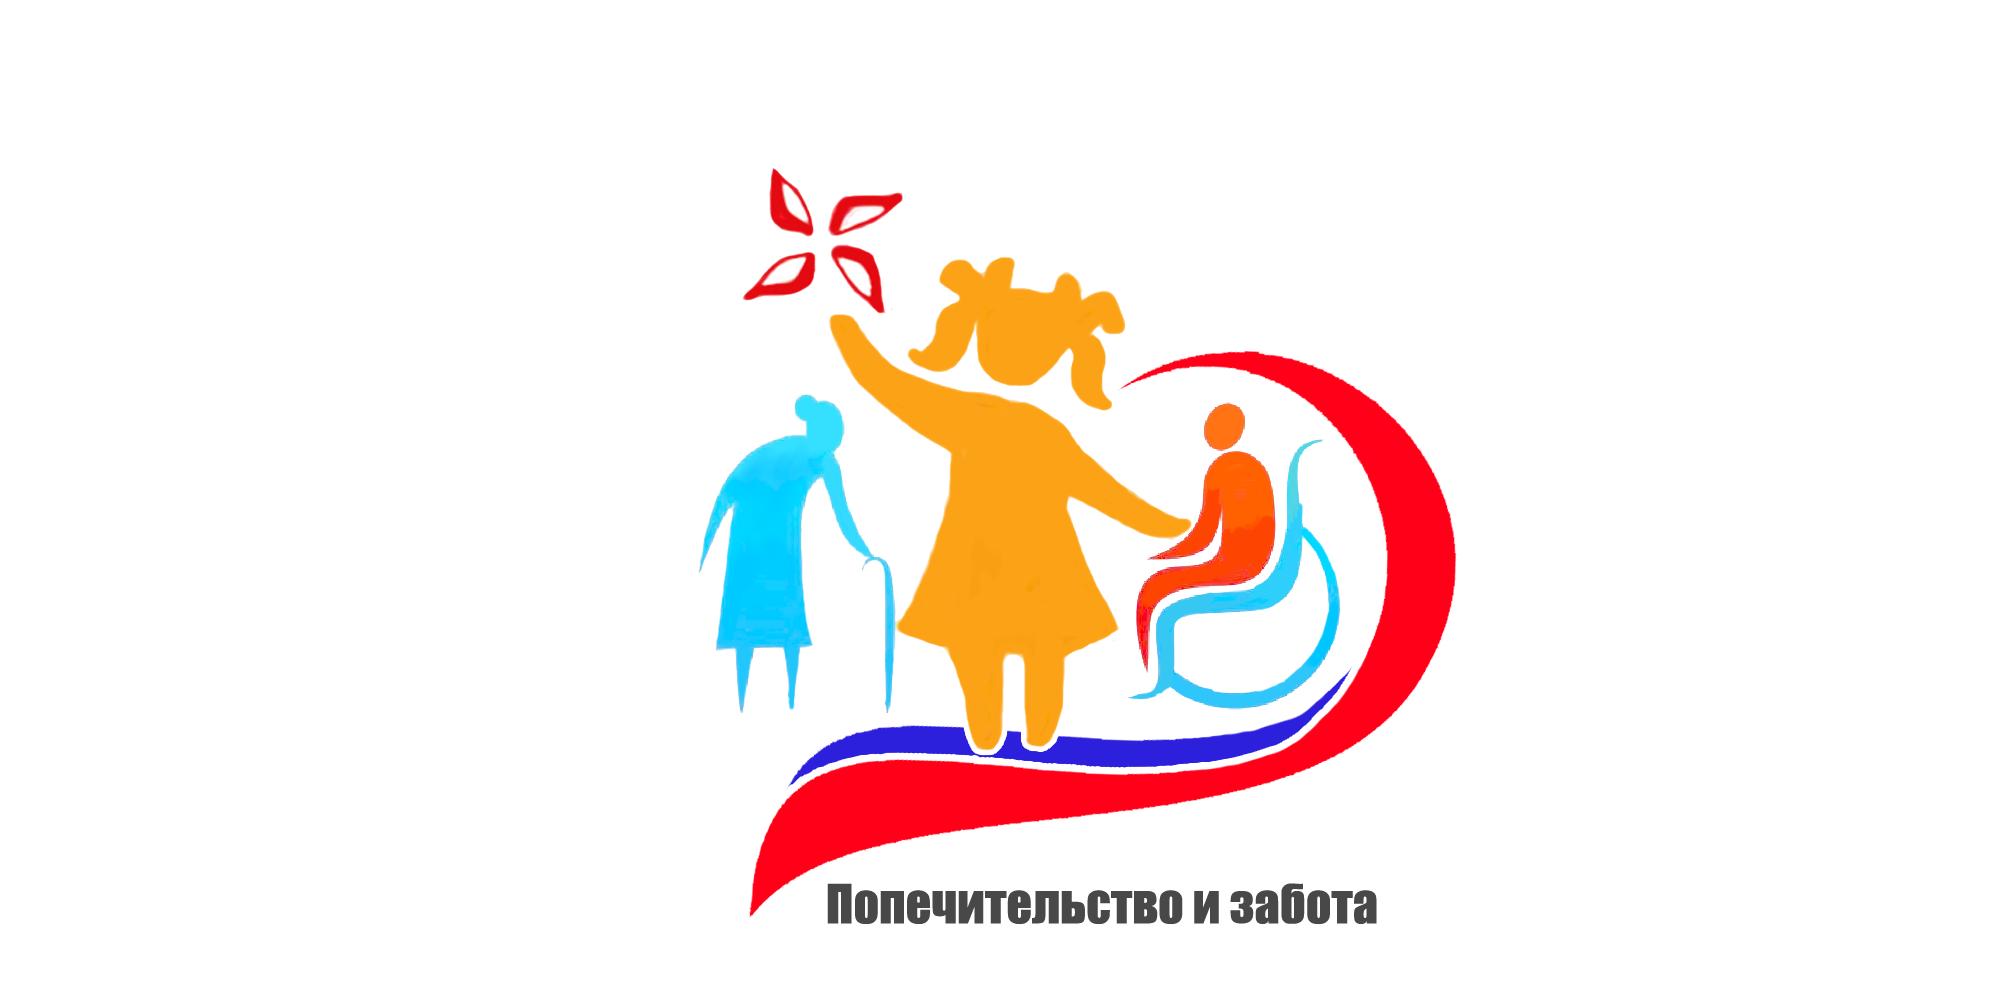 """Фонд социальной  детей и инвалидов всех категорий """"Попечительство и забота"""""""